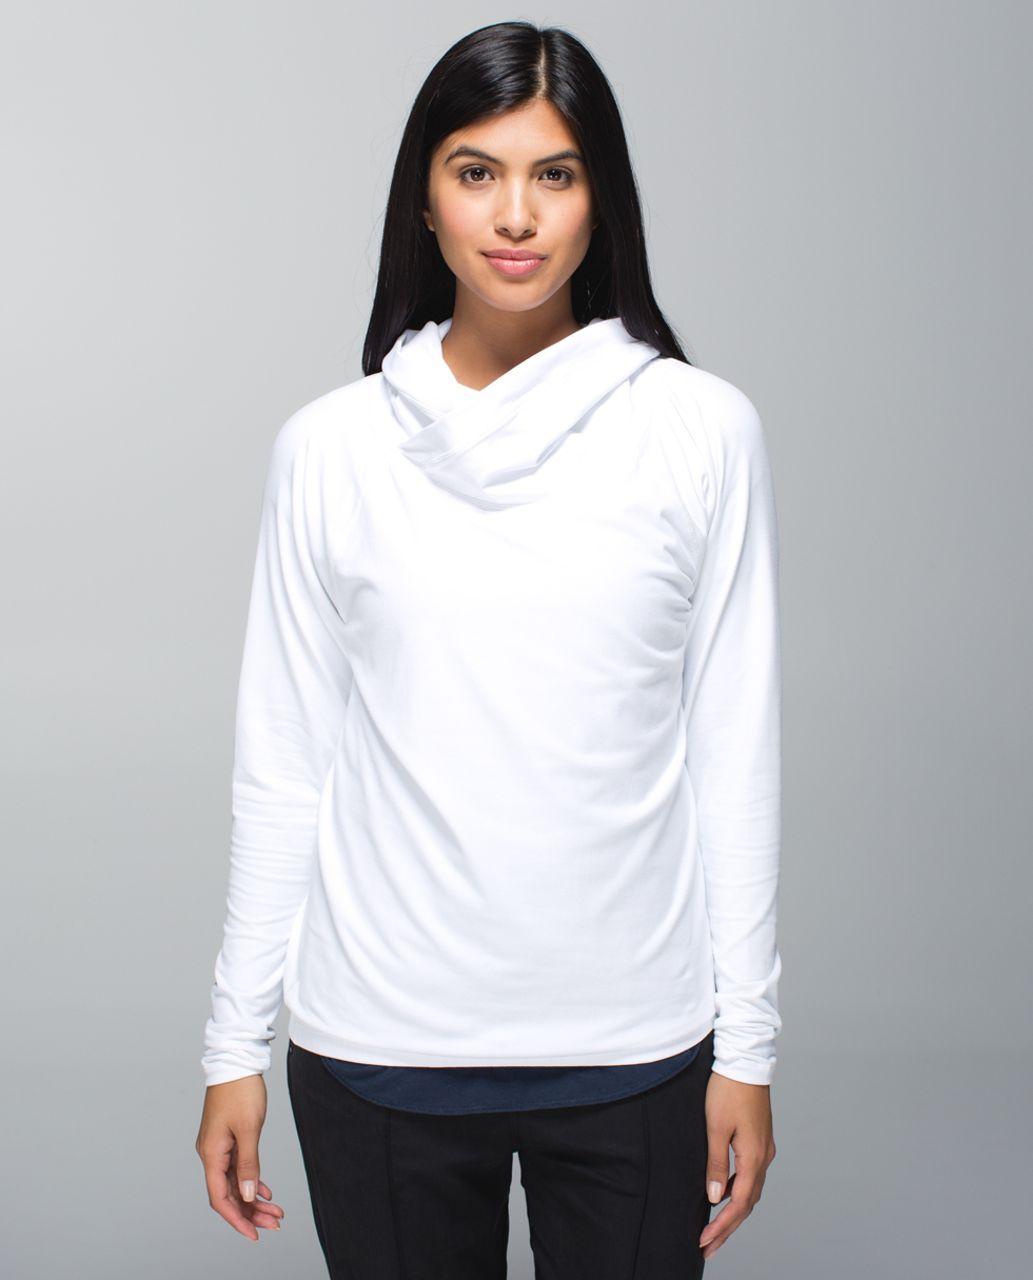 Lululemon Healthy Heart Pullover - White